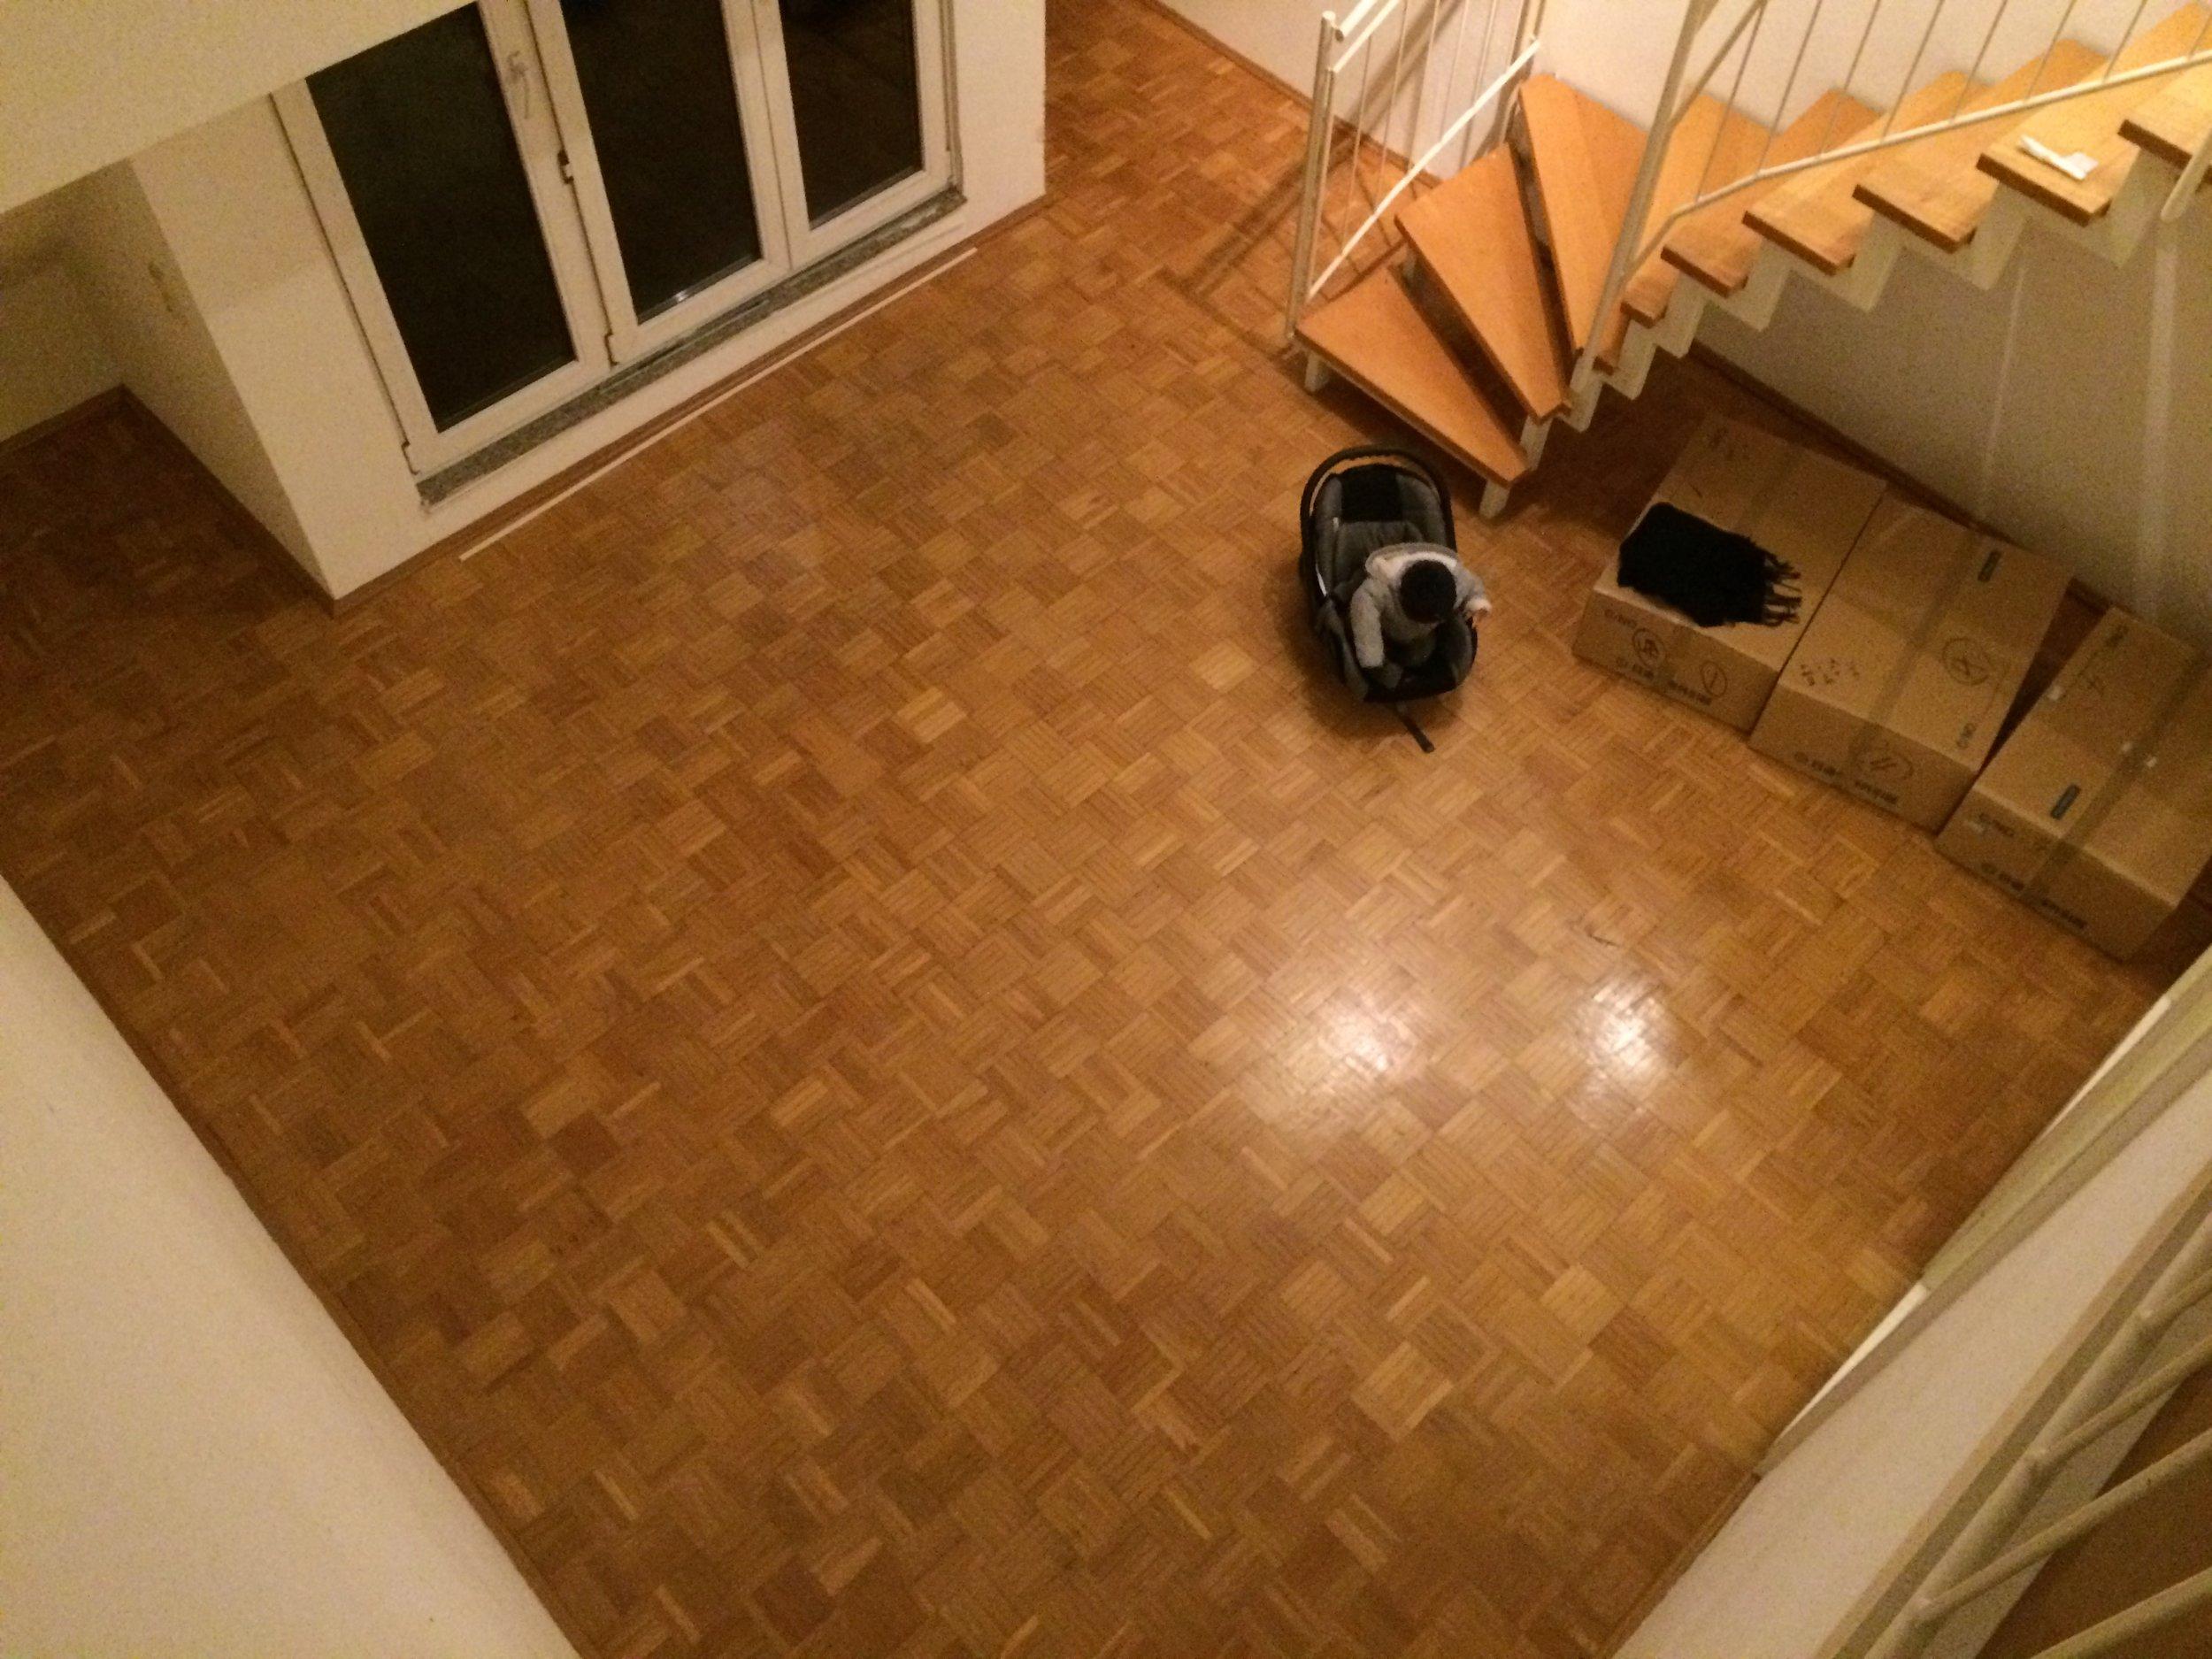 新居のリビング。メゾネット部からの撮影。 Unser neues Wohnzimmer - nicht zu groß, nicht zu klein.